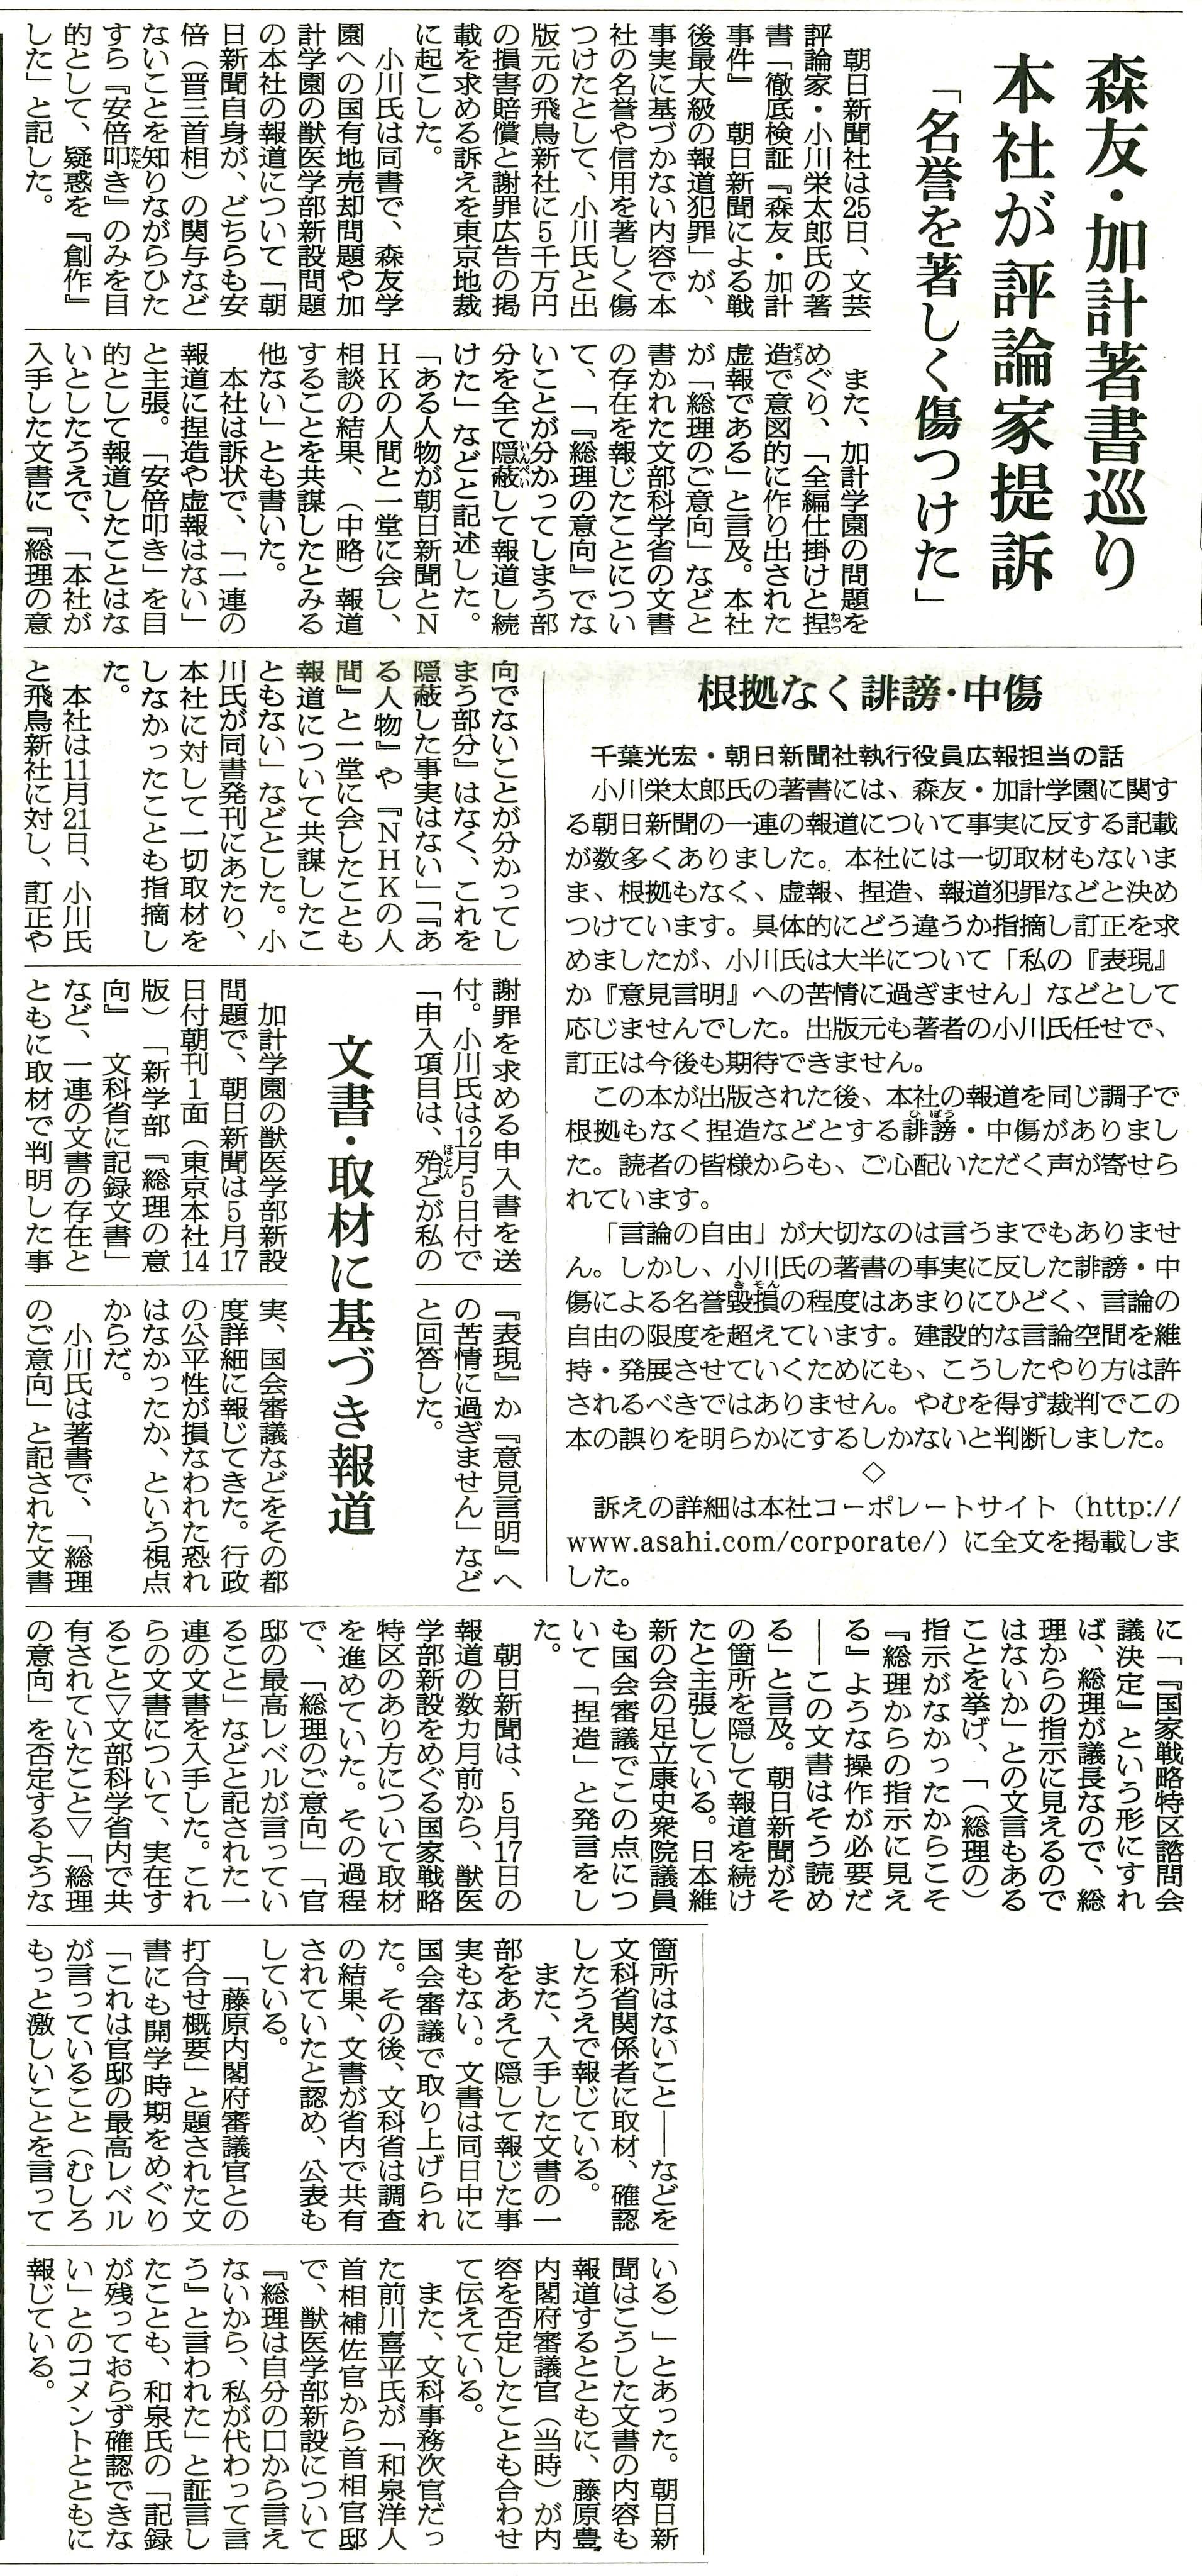 平成29年12月26日 朝日新聞